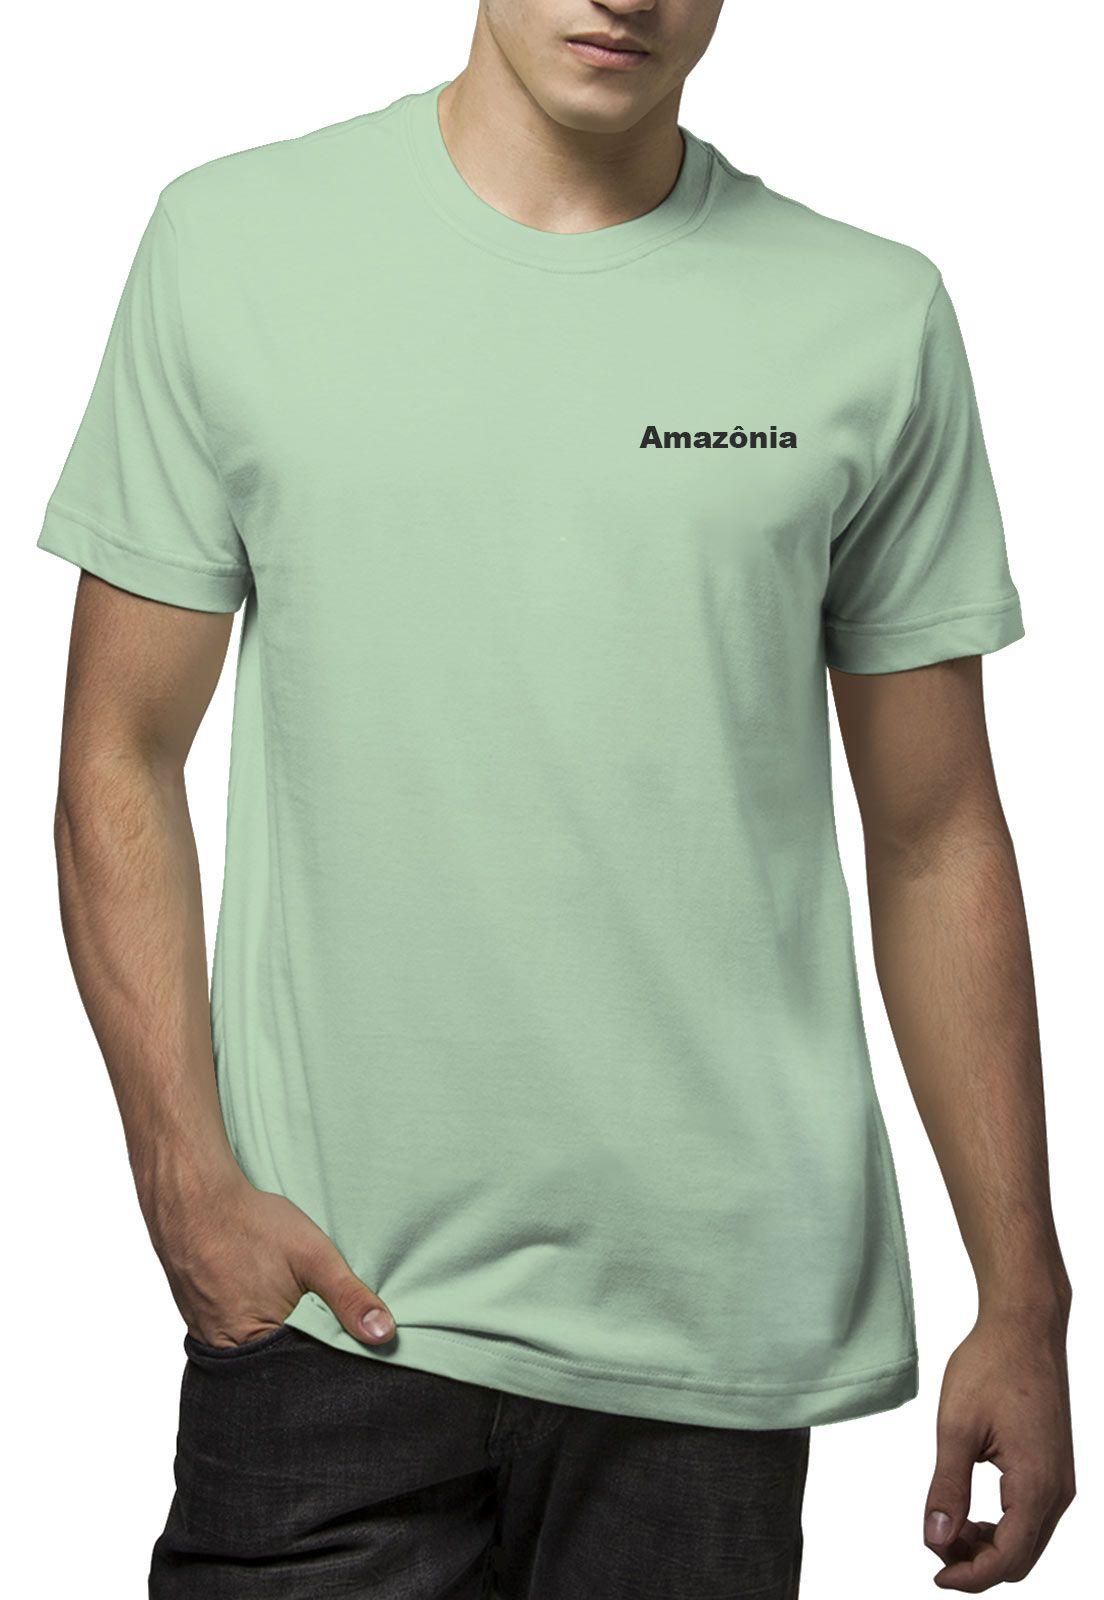 Camiseta Amazônia Árvore Feito a Mão - Verde